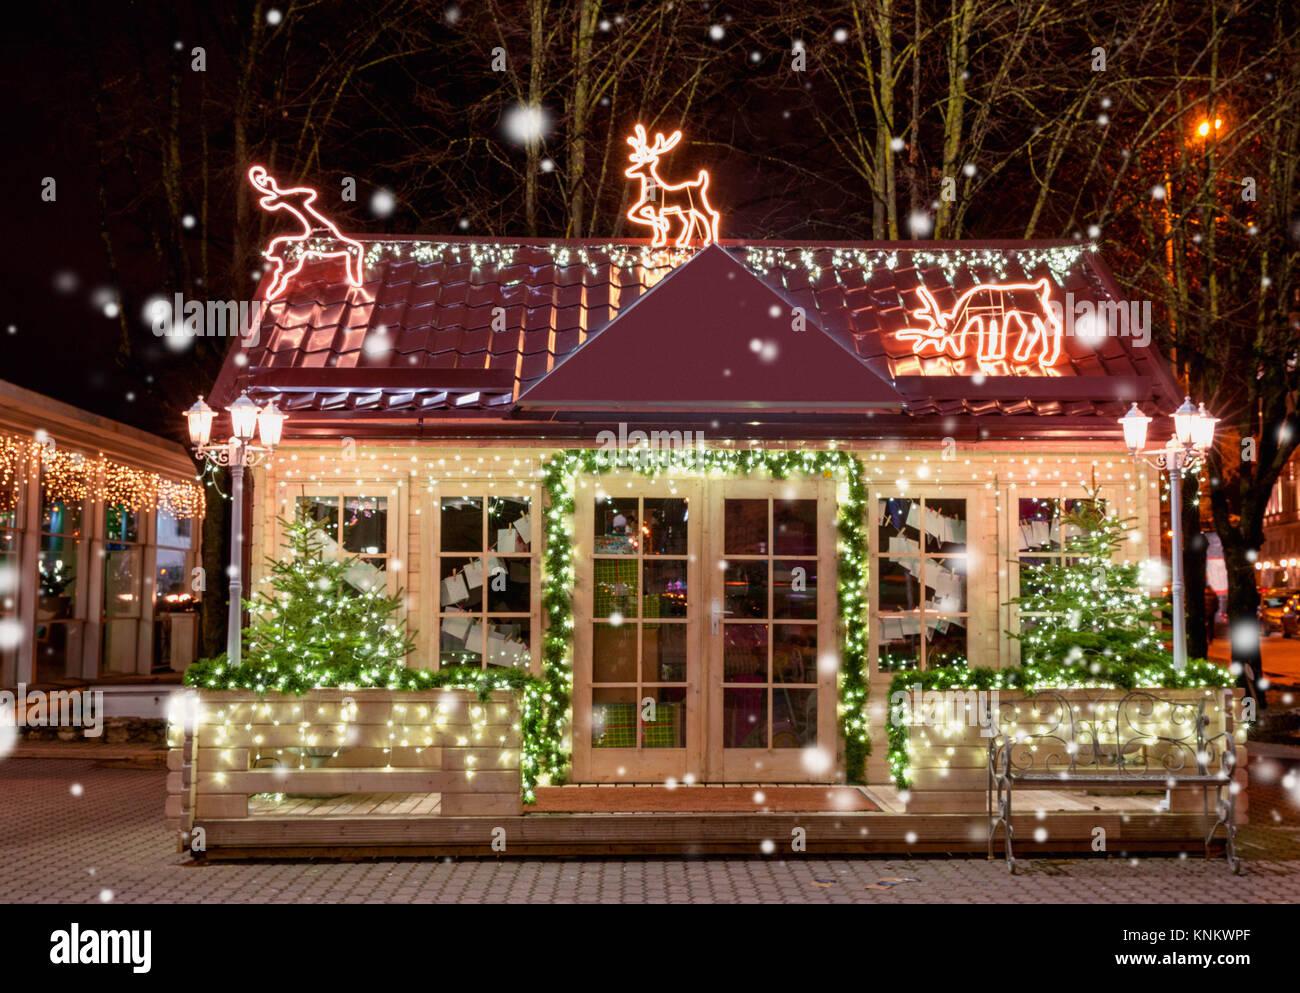 Decorazioni In Legno Per La Casa : Legno casa di piccole dimensioni con il nuovo anno decorazione